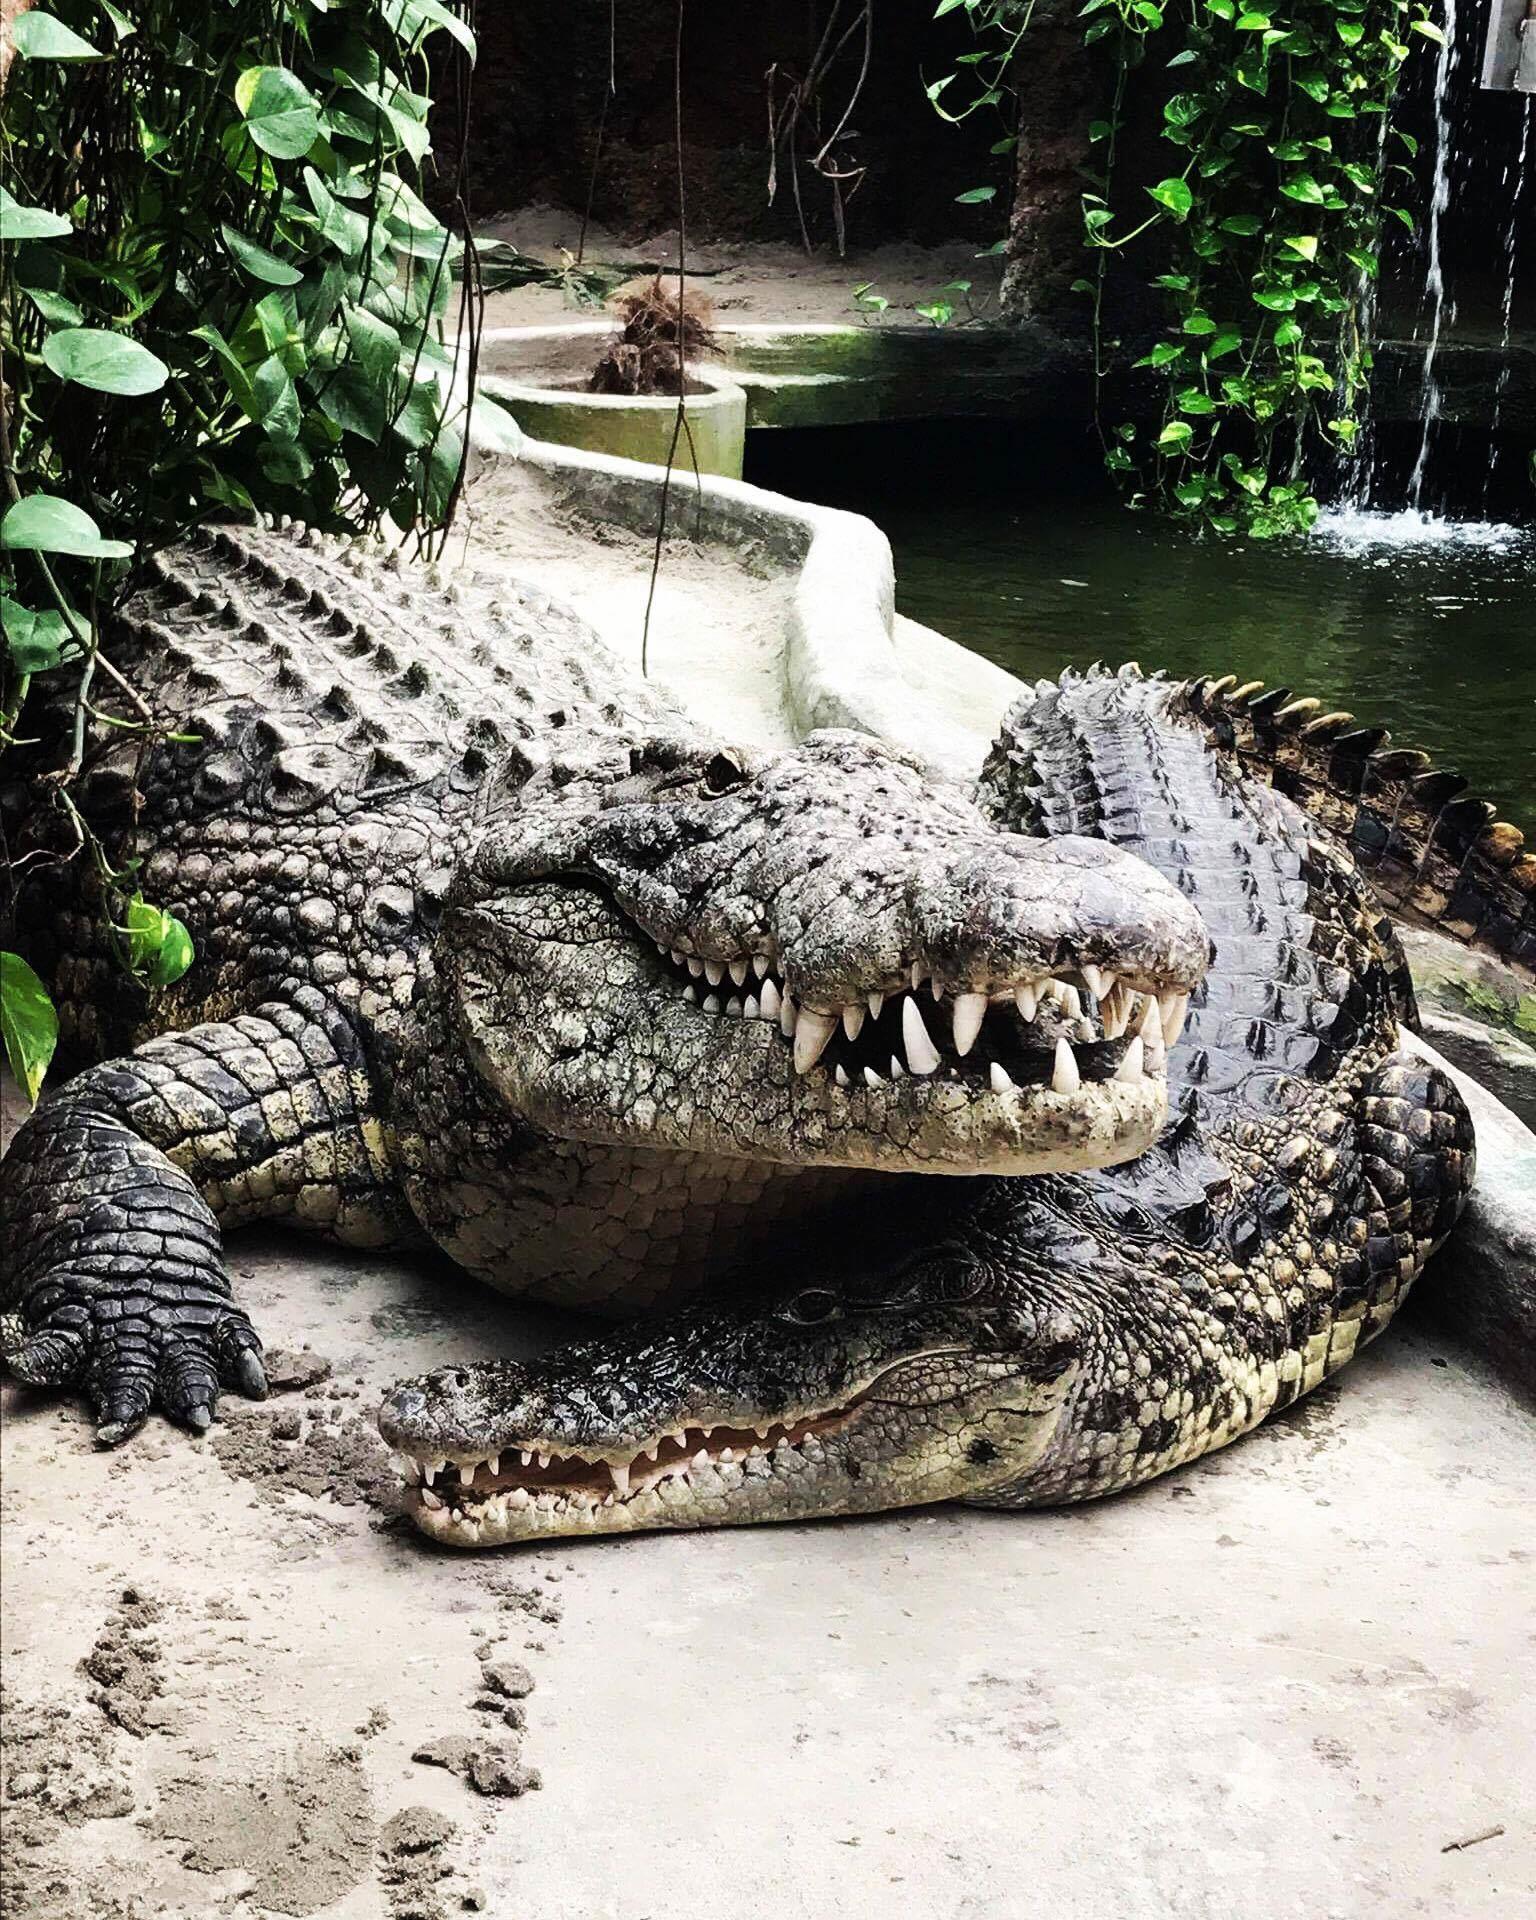 Indgangsbillet til Krokodille Zoo på Falster